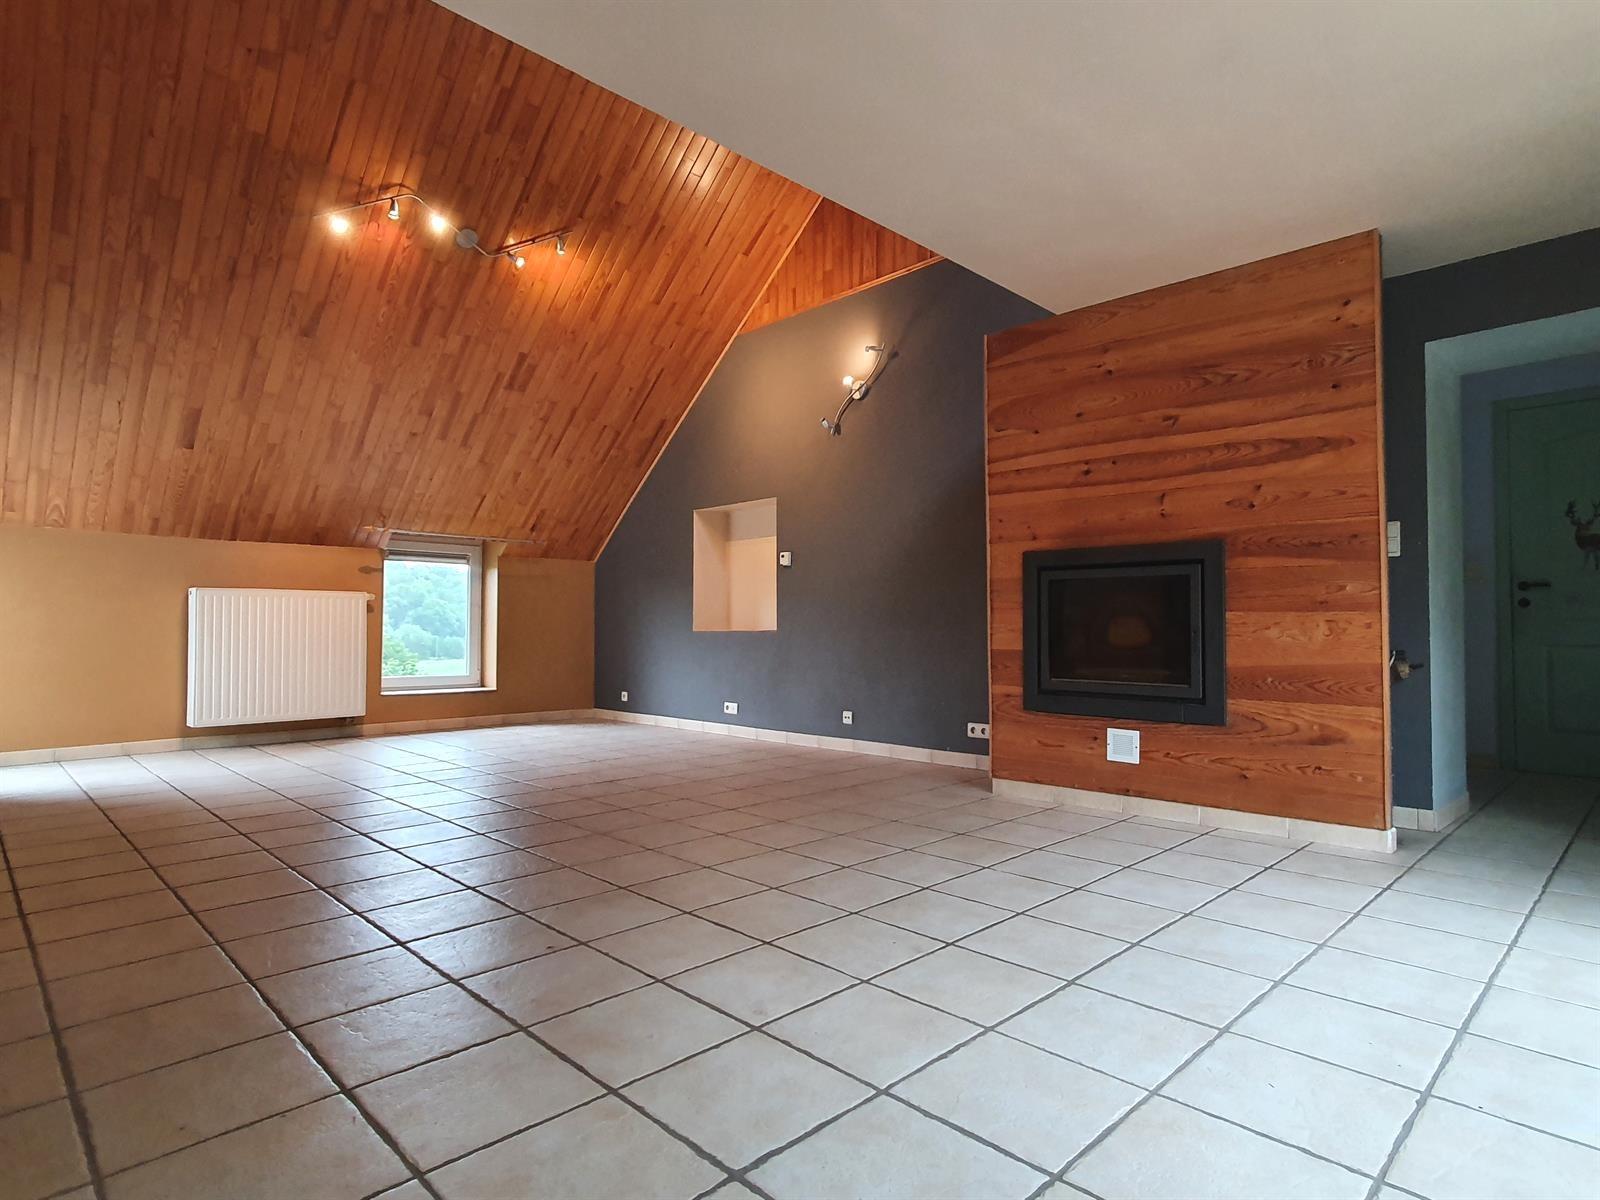 Maison - Jemeppe-sur-Sambre Balâtre - #4363617-3